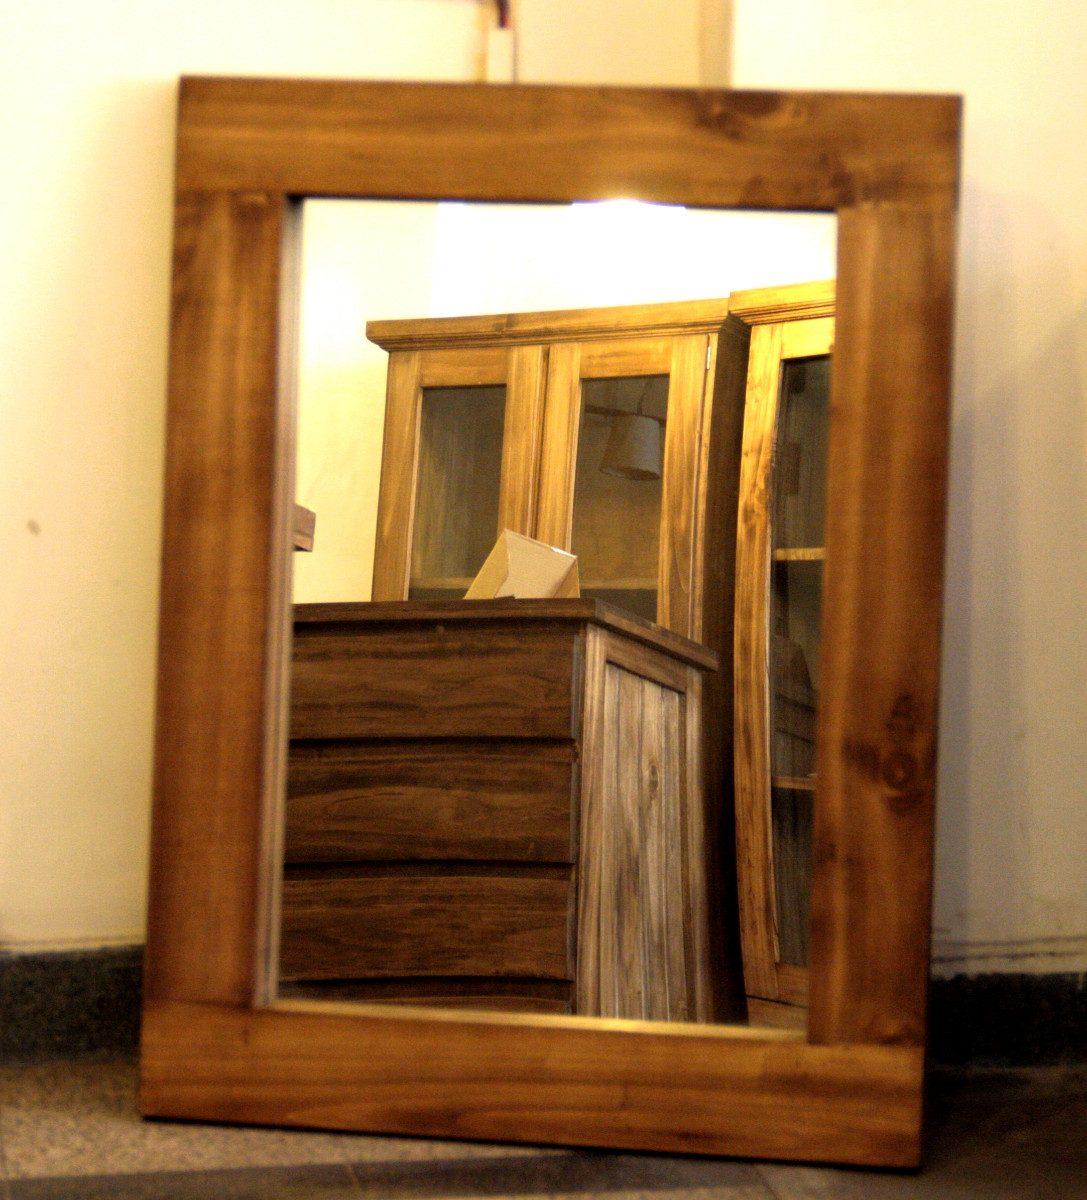 Marcos con espejos ikeando espejo con un marco ung drill for Modelos de espejos con marcos de madera